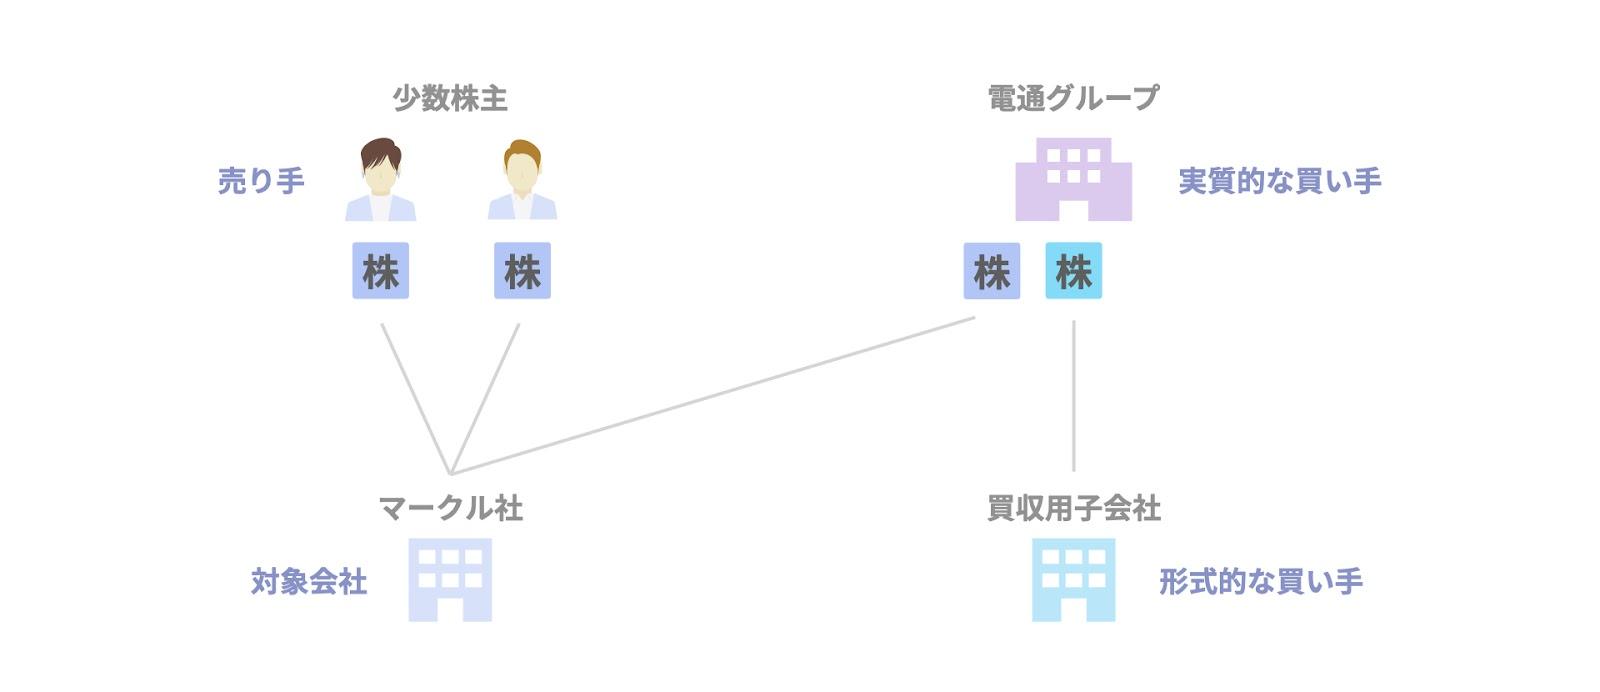 逆三角合併の事例② 電通グループによる米国子会社の完全子会社化の関係者